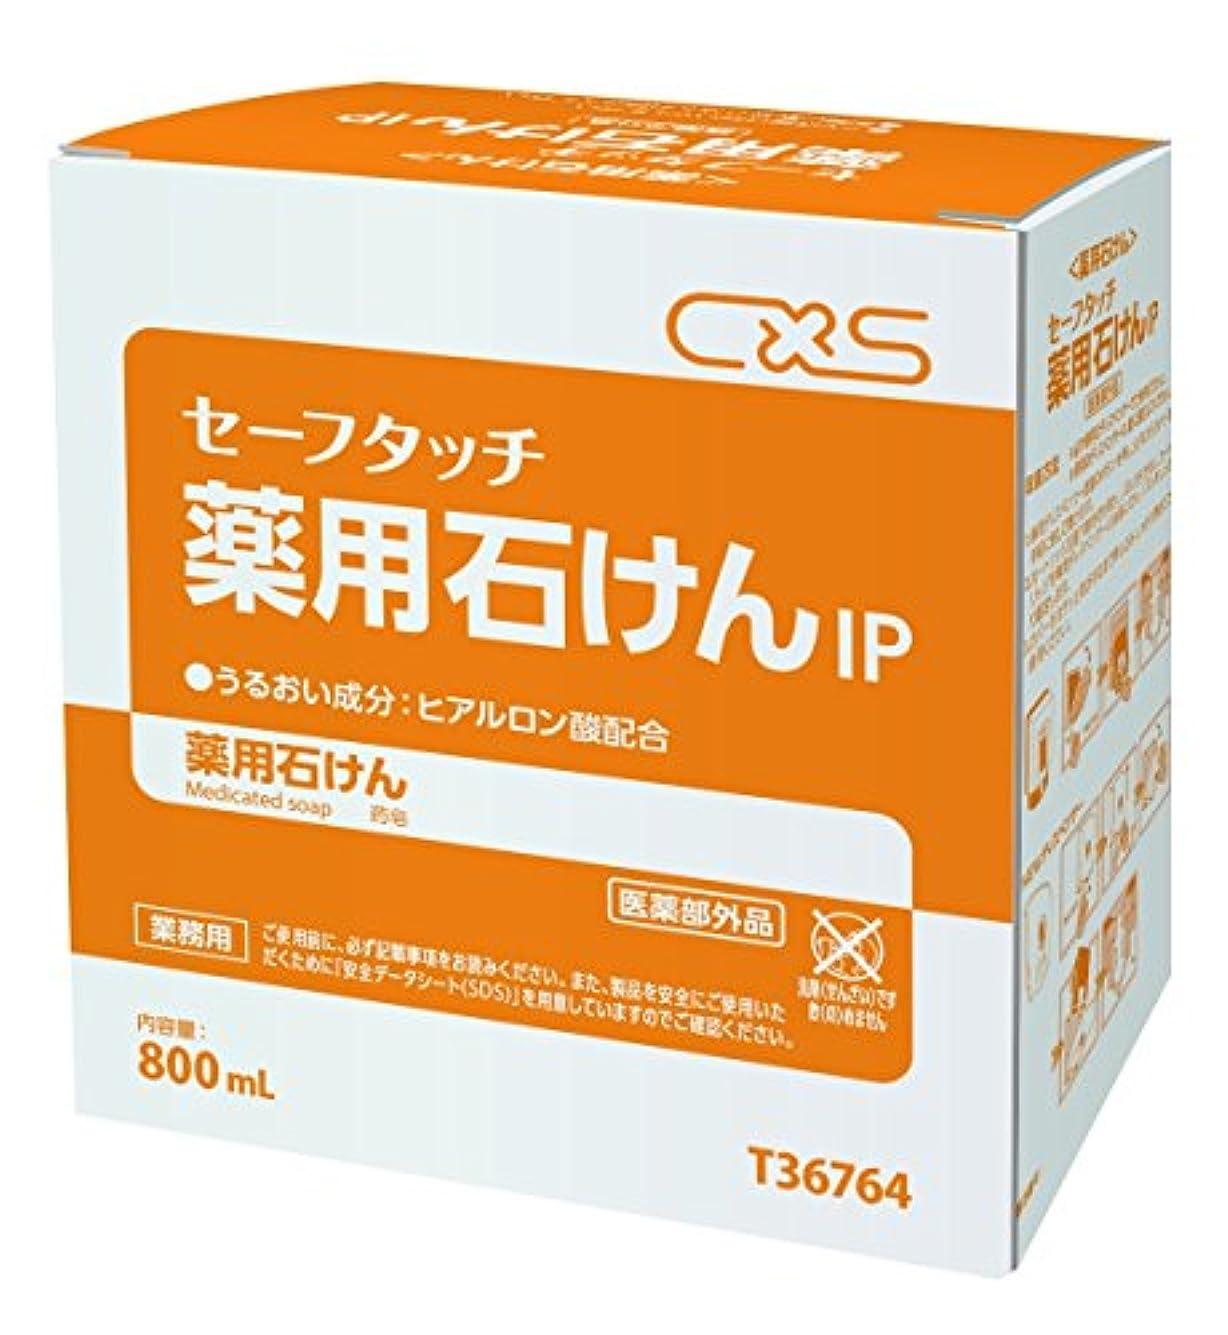 アイザック包括的パースセーフタッチ 薬用石けんIP 6箱セット